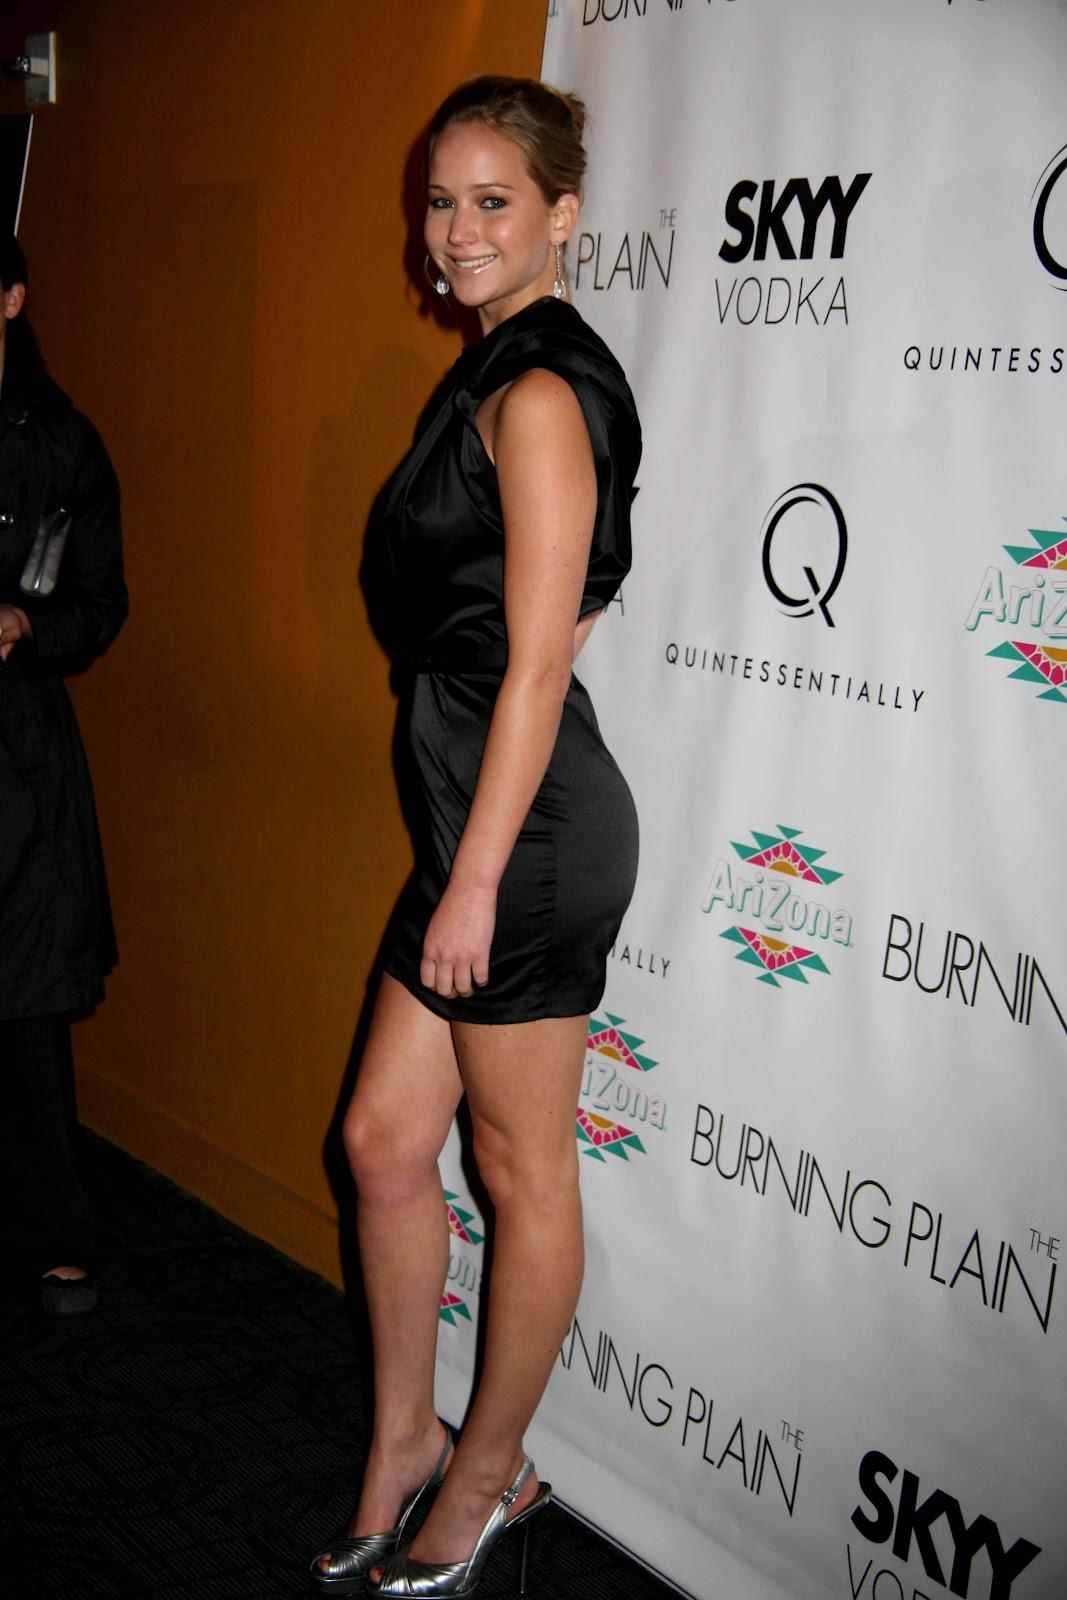 http://3.bp.blogspot.com/-KS8FBI-_M_U/T2dNjbTqdPI/AAAAAAAAA5U/4xX9bT4pNQo/s1600/24855-jennifer-lawrence-2009-09-16-new-york-premie.jpg